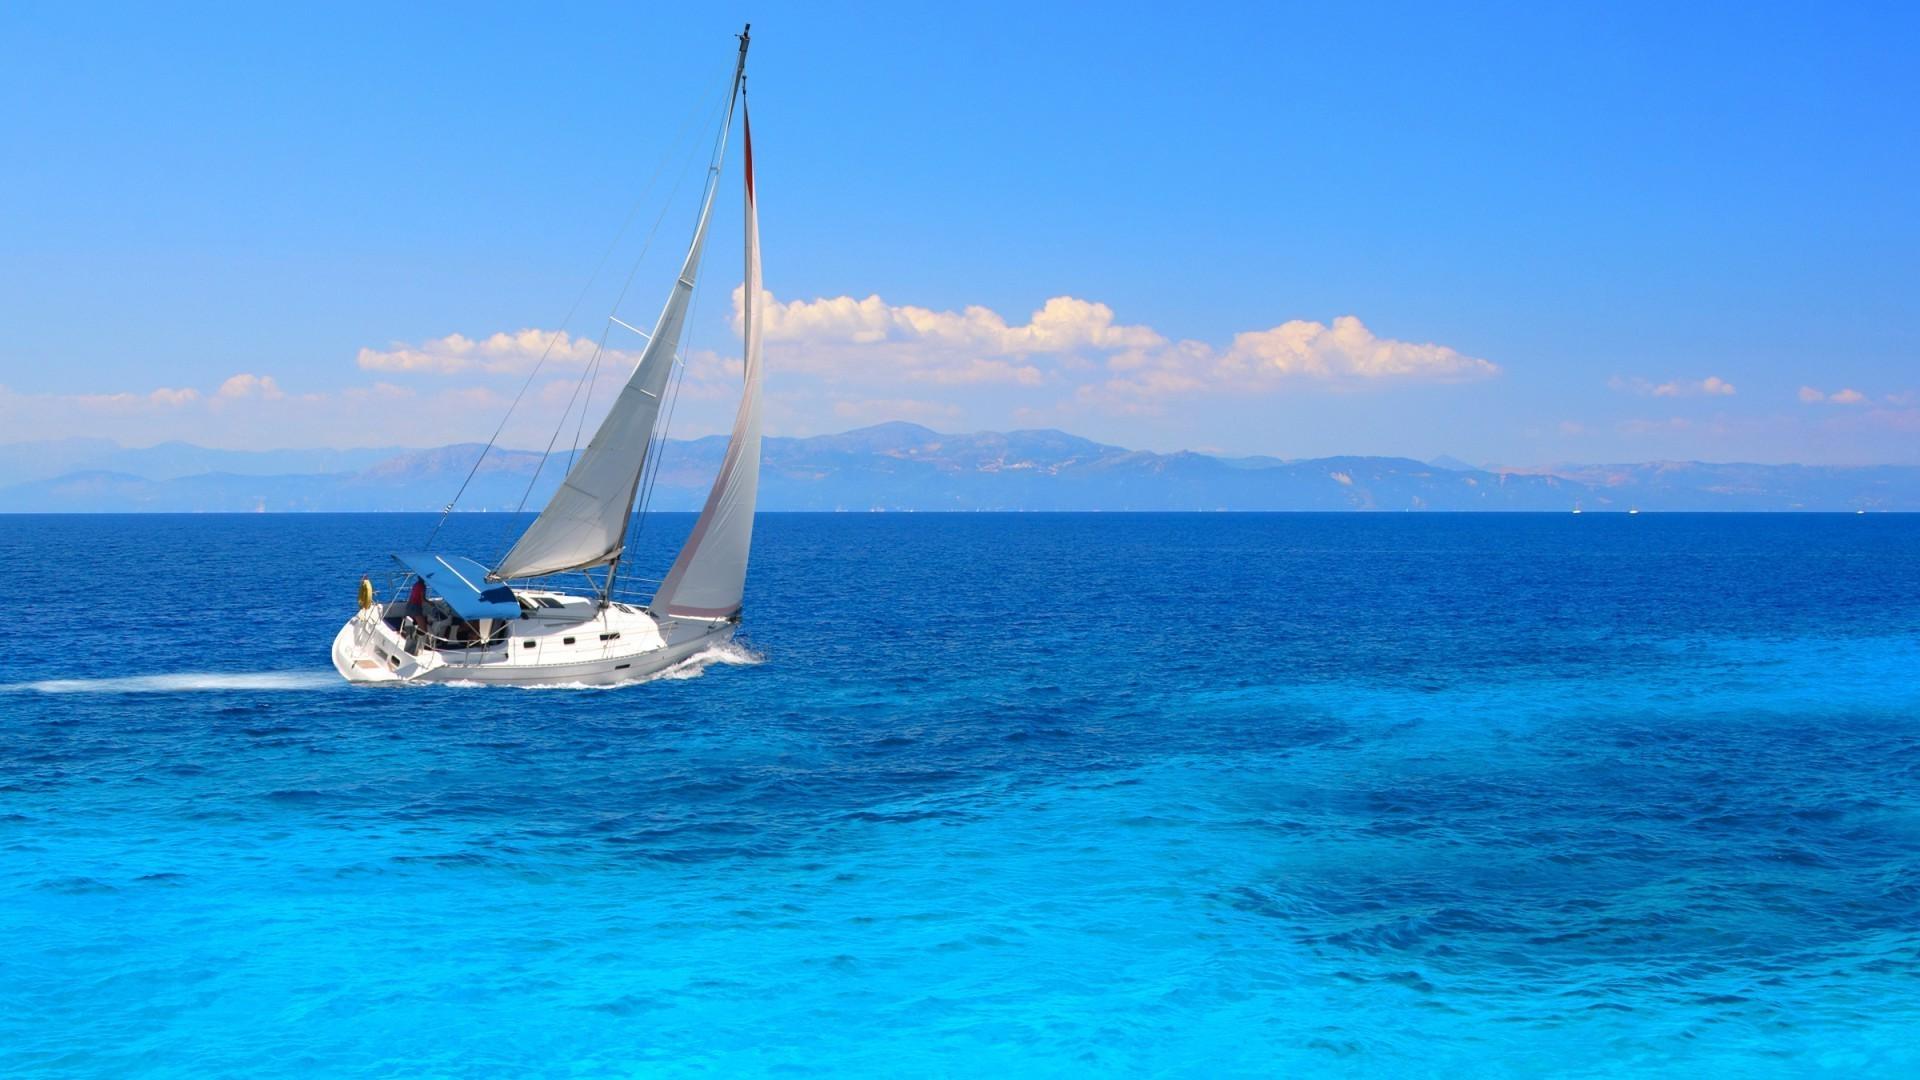 яхта парус море остров без смс